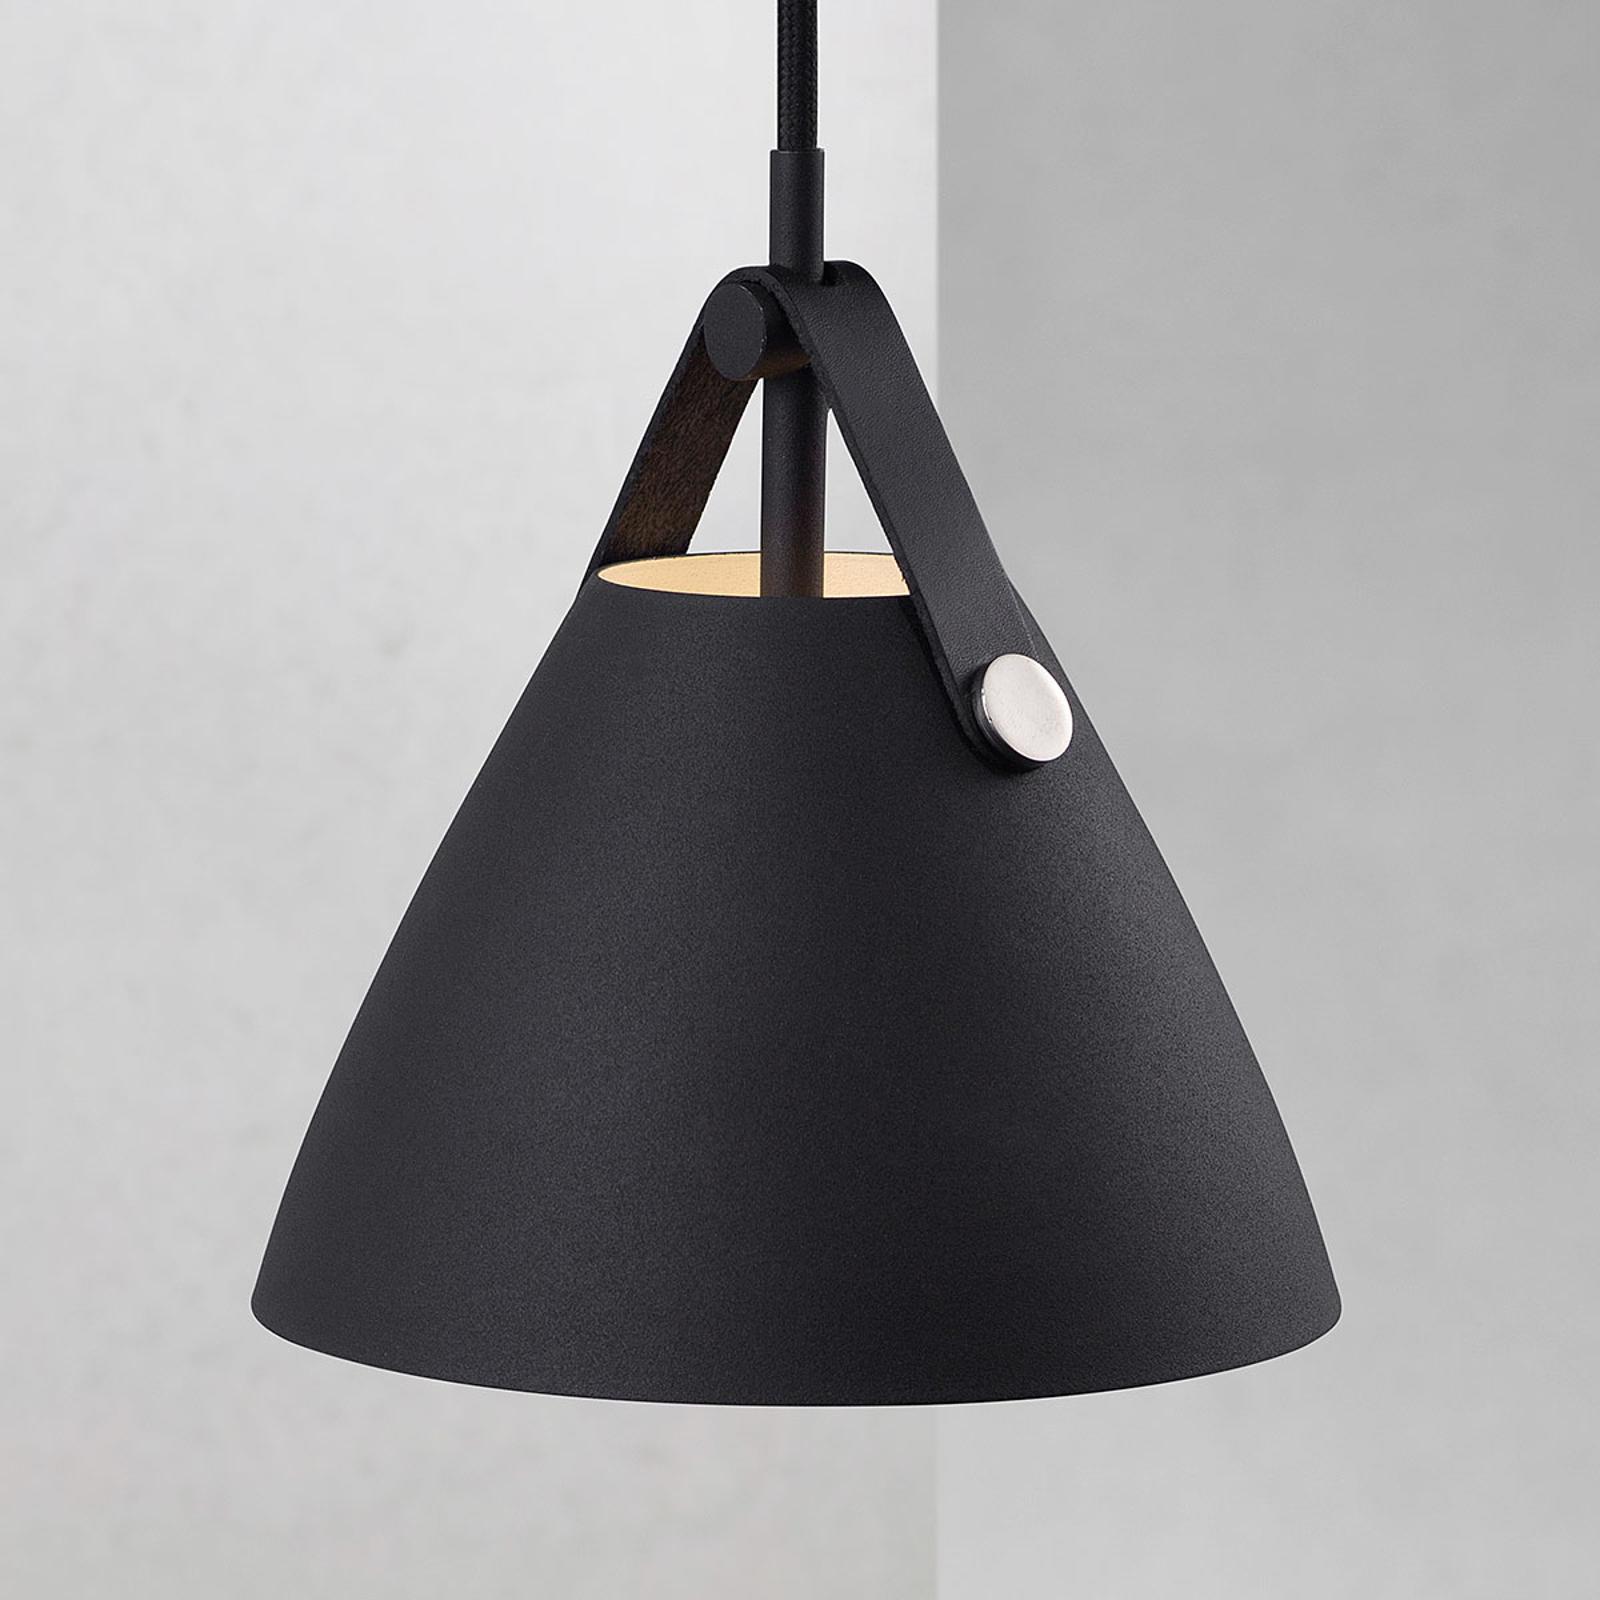 Lampa wisząca Strap, Ø 16,5 cm, czarna